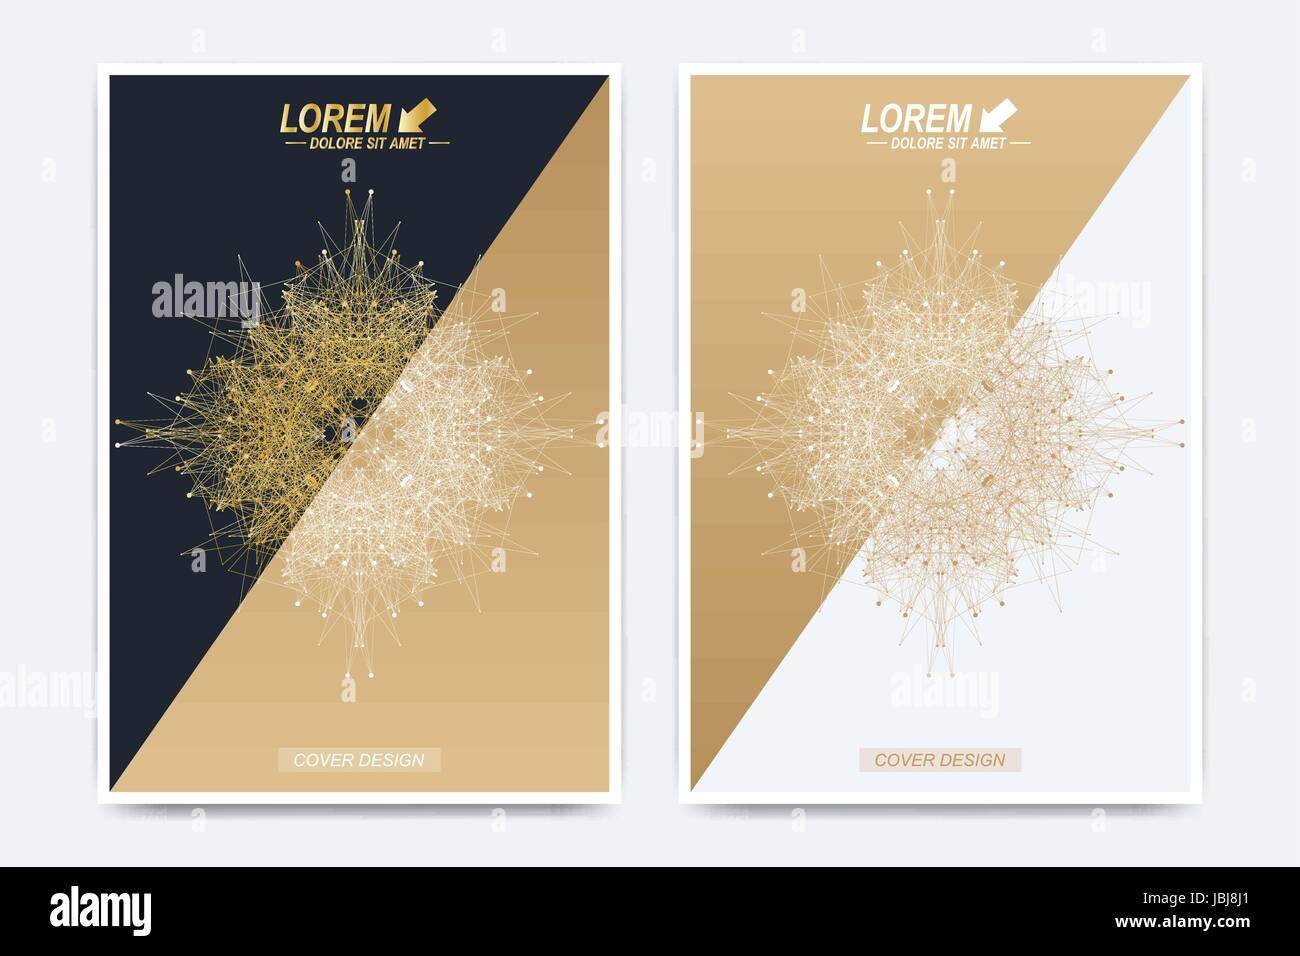 Moderne Vektor Vorlage für Broschüre, Broschüre, Flyer, Werbung ...